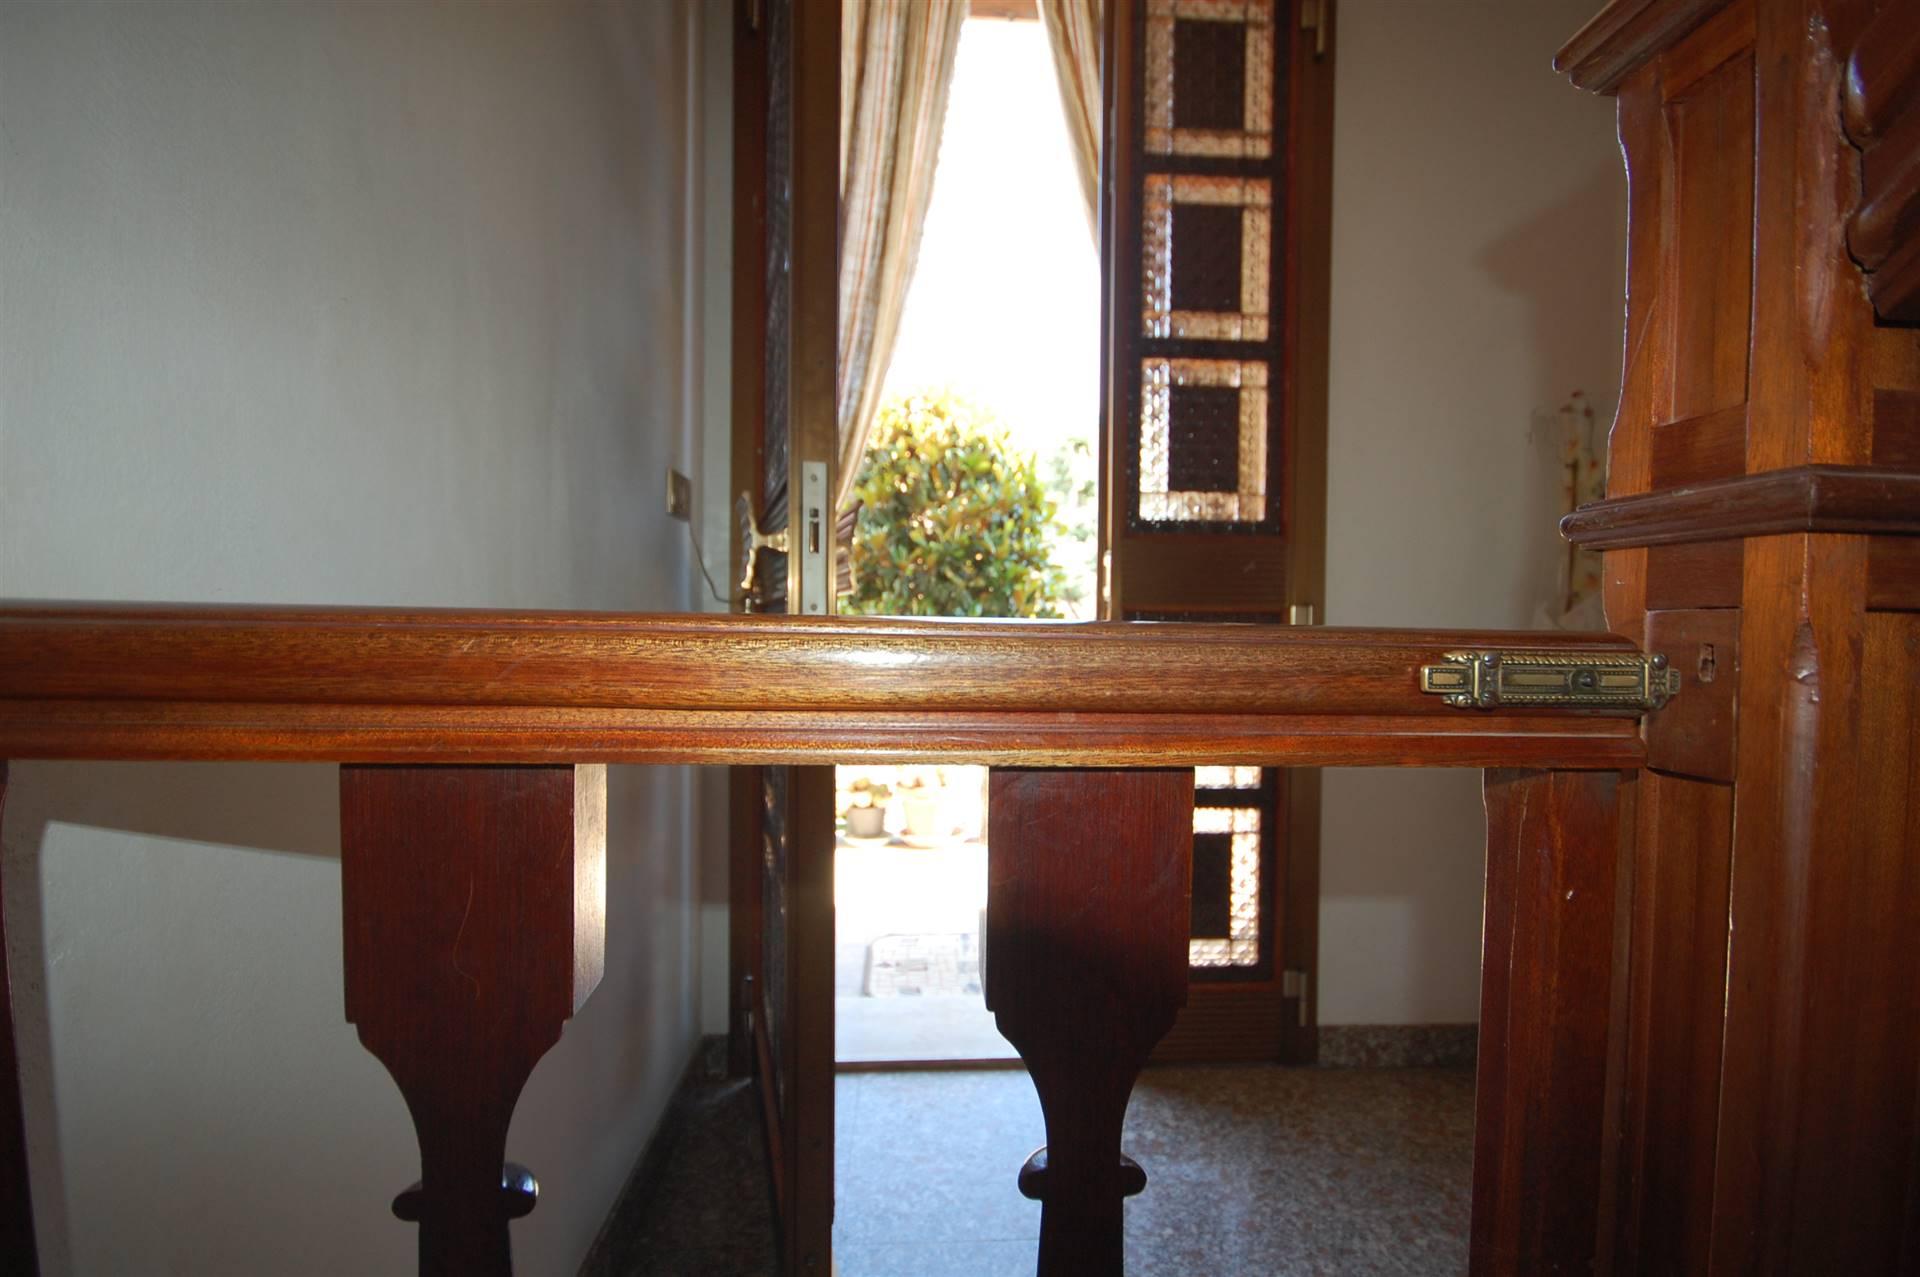 vendita immobile rif. 1164 - SAVIGNANO SUL RUBICONE